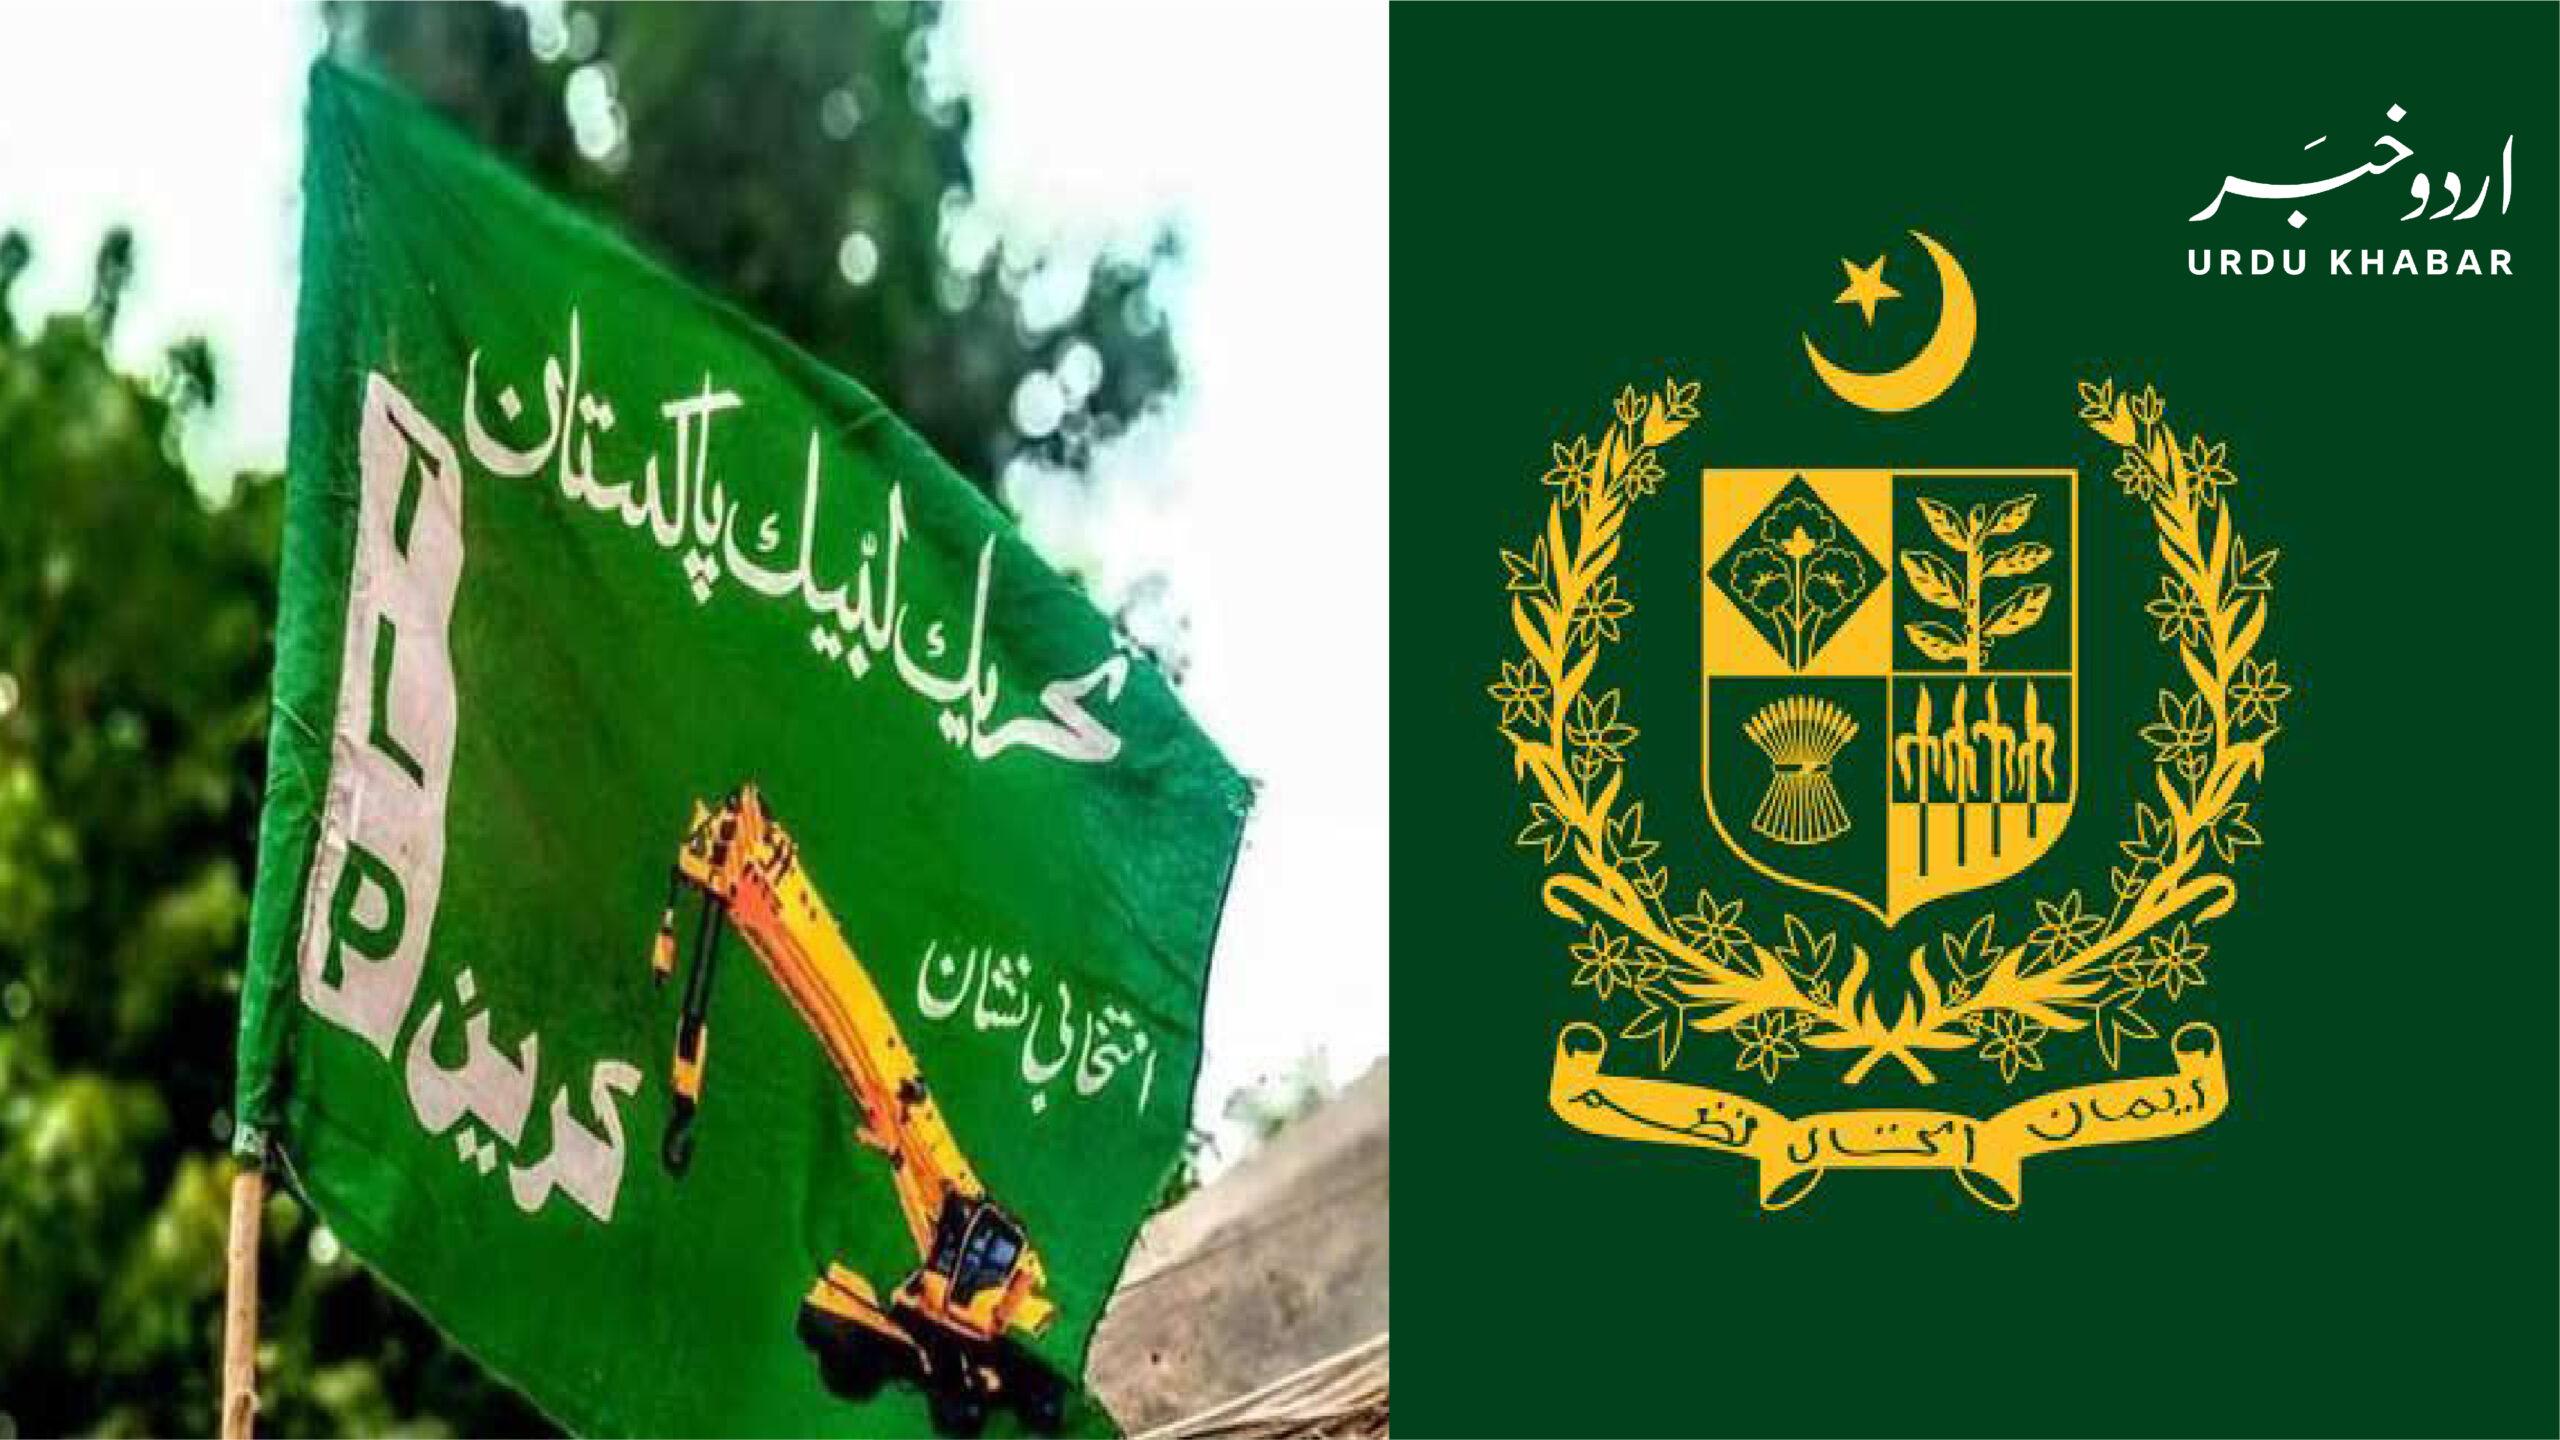 گورنمنٹ کا تحریک لبیک پاکستان پر پابندی کے لئے سپریم کورٹ رجوع کرنے کا فیصلہ